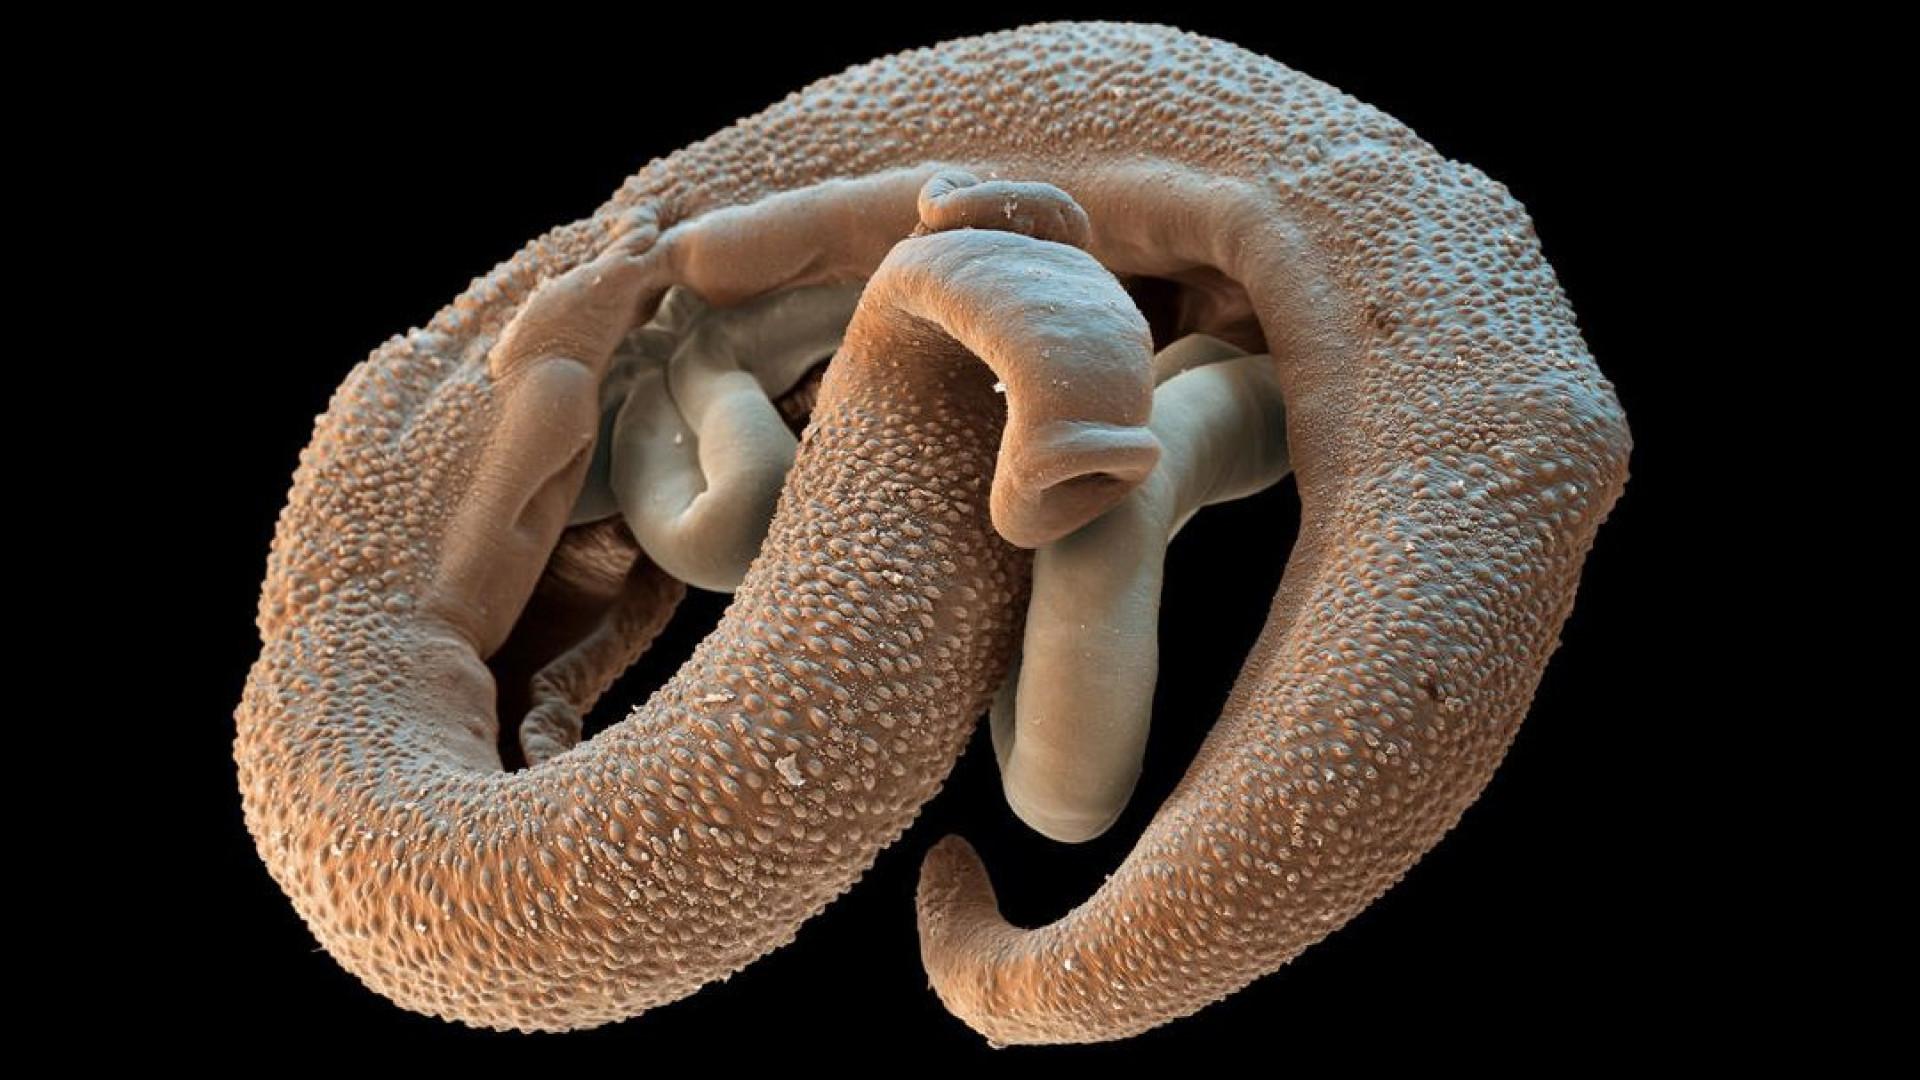 Esquistossomose: Conheça os sintomas desta doença parasitária letal